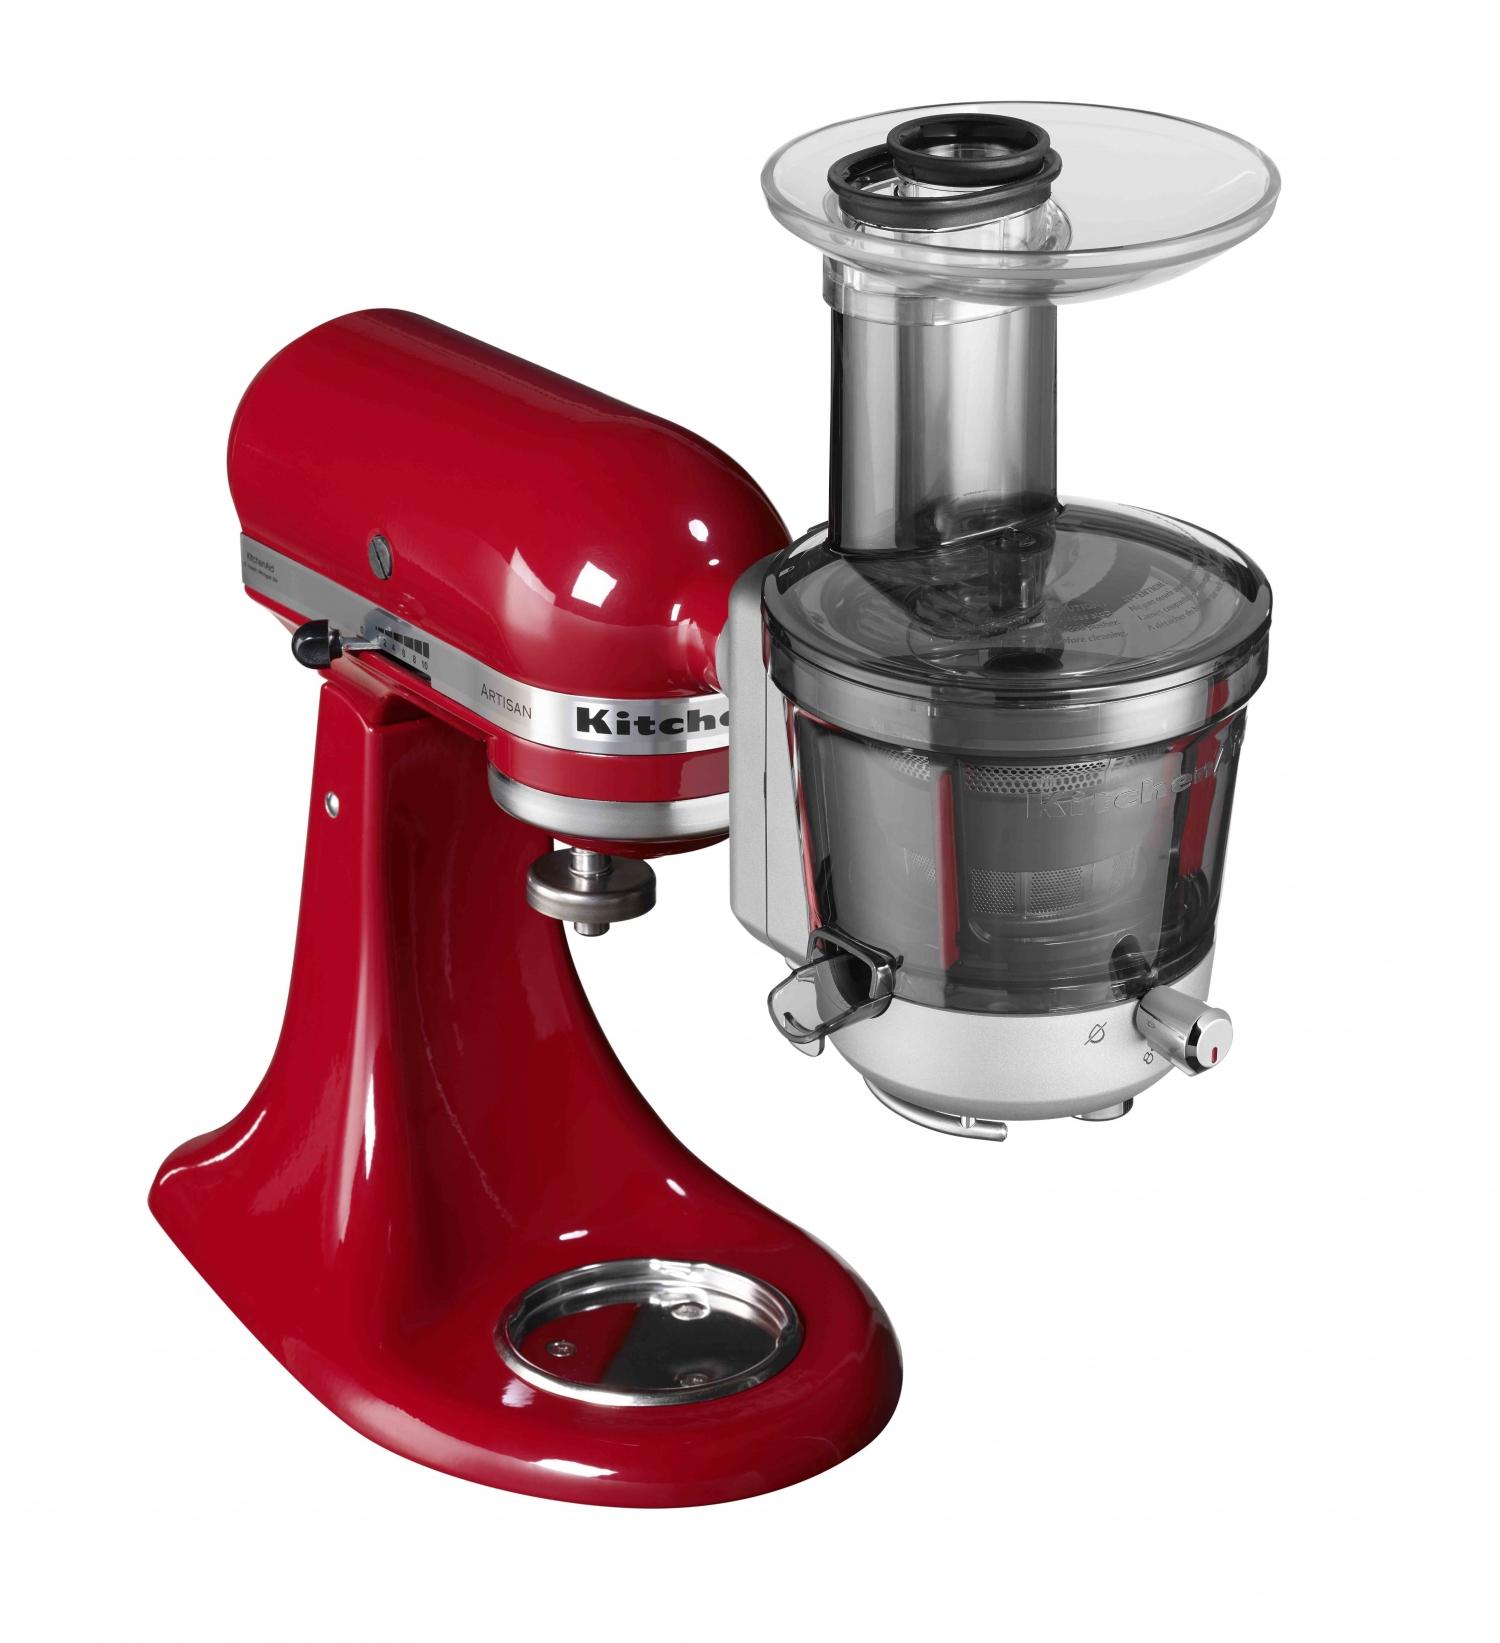 kitchenaid caccessoire robot 5ksm1ja catgorie accessoire robot de cuisine. Black Bedroom Furniture Sets. Home Design Ideas